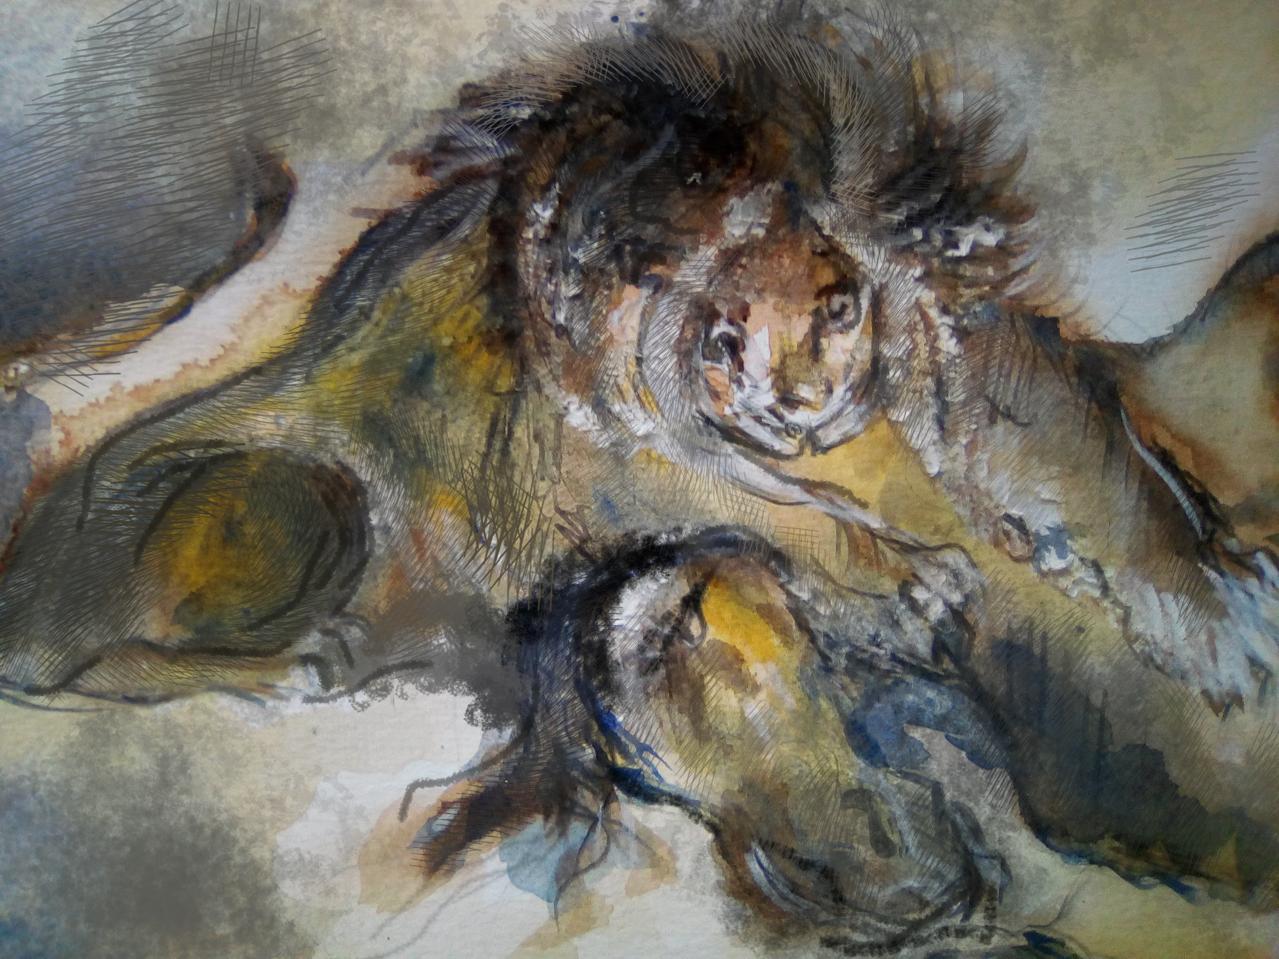 Eugène Delacroix  Leone che divora un cavallo Illust of Grandicelli Susanna MasterpieceFanart detective art acquarello Conan fan